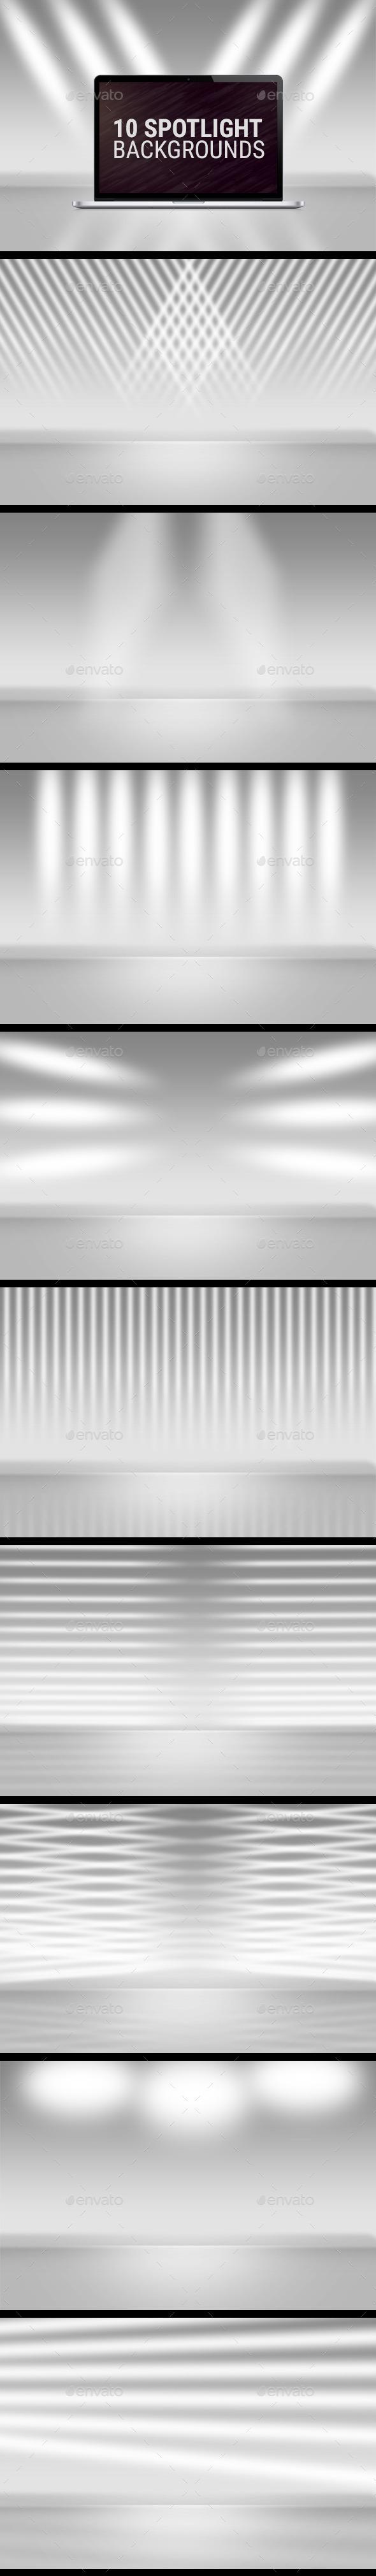 10 Spotlight Backgrounds